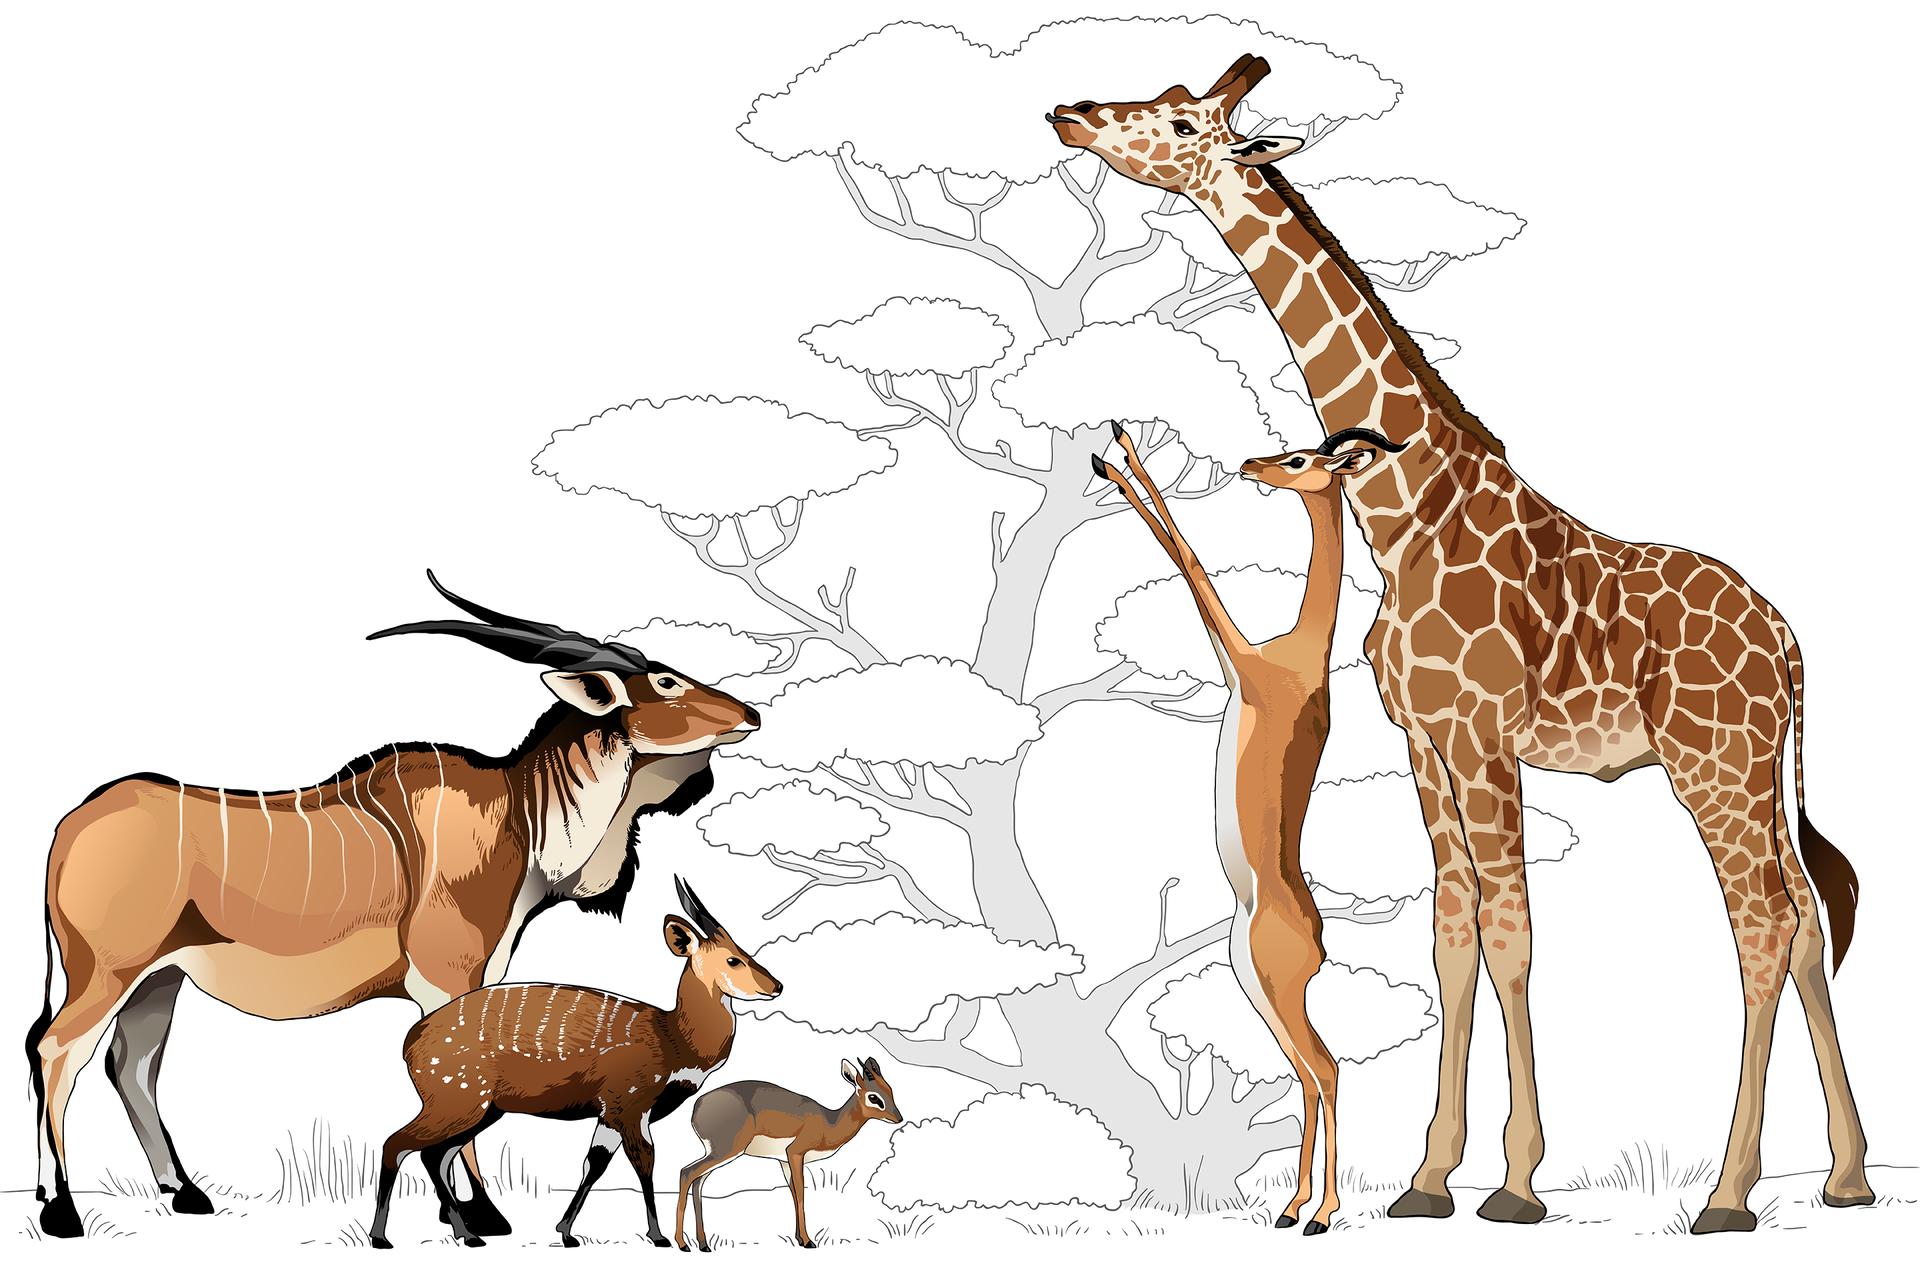 Ilustracja przedstawia zwierzęta, stojące zobu stron schematycznego drzewa wszarym kolorze. Zwierzęta mają różną wielkość, dlatego mogą wykorzystywać inne partie rośliny.